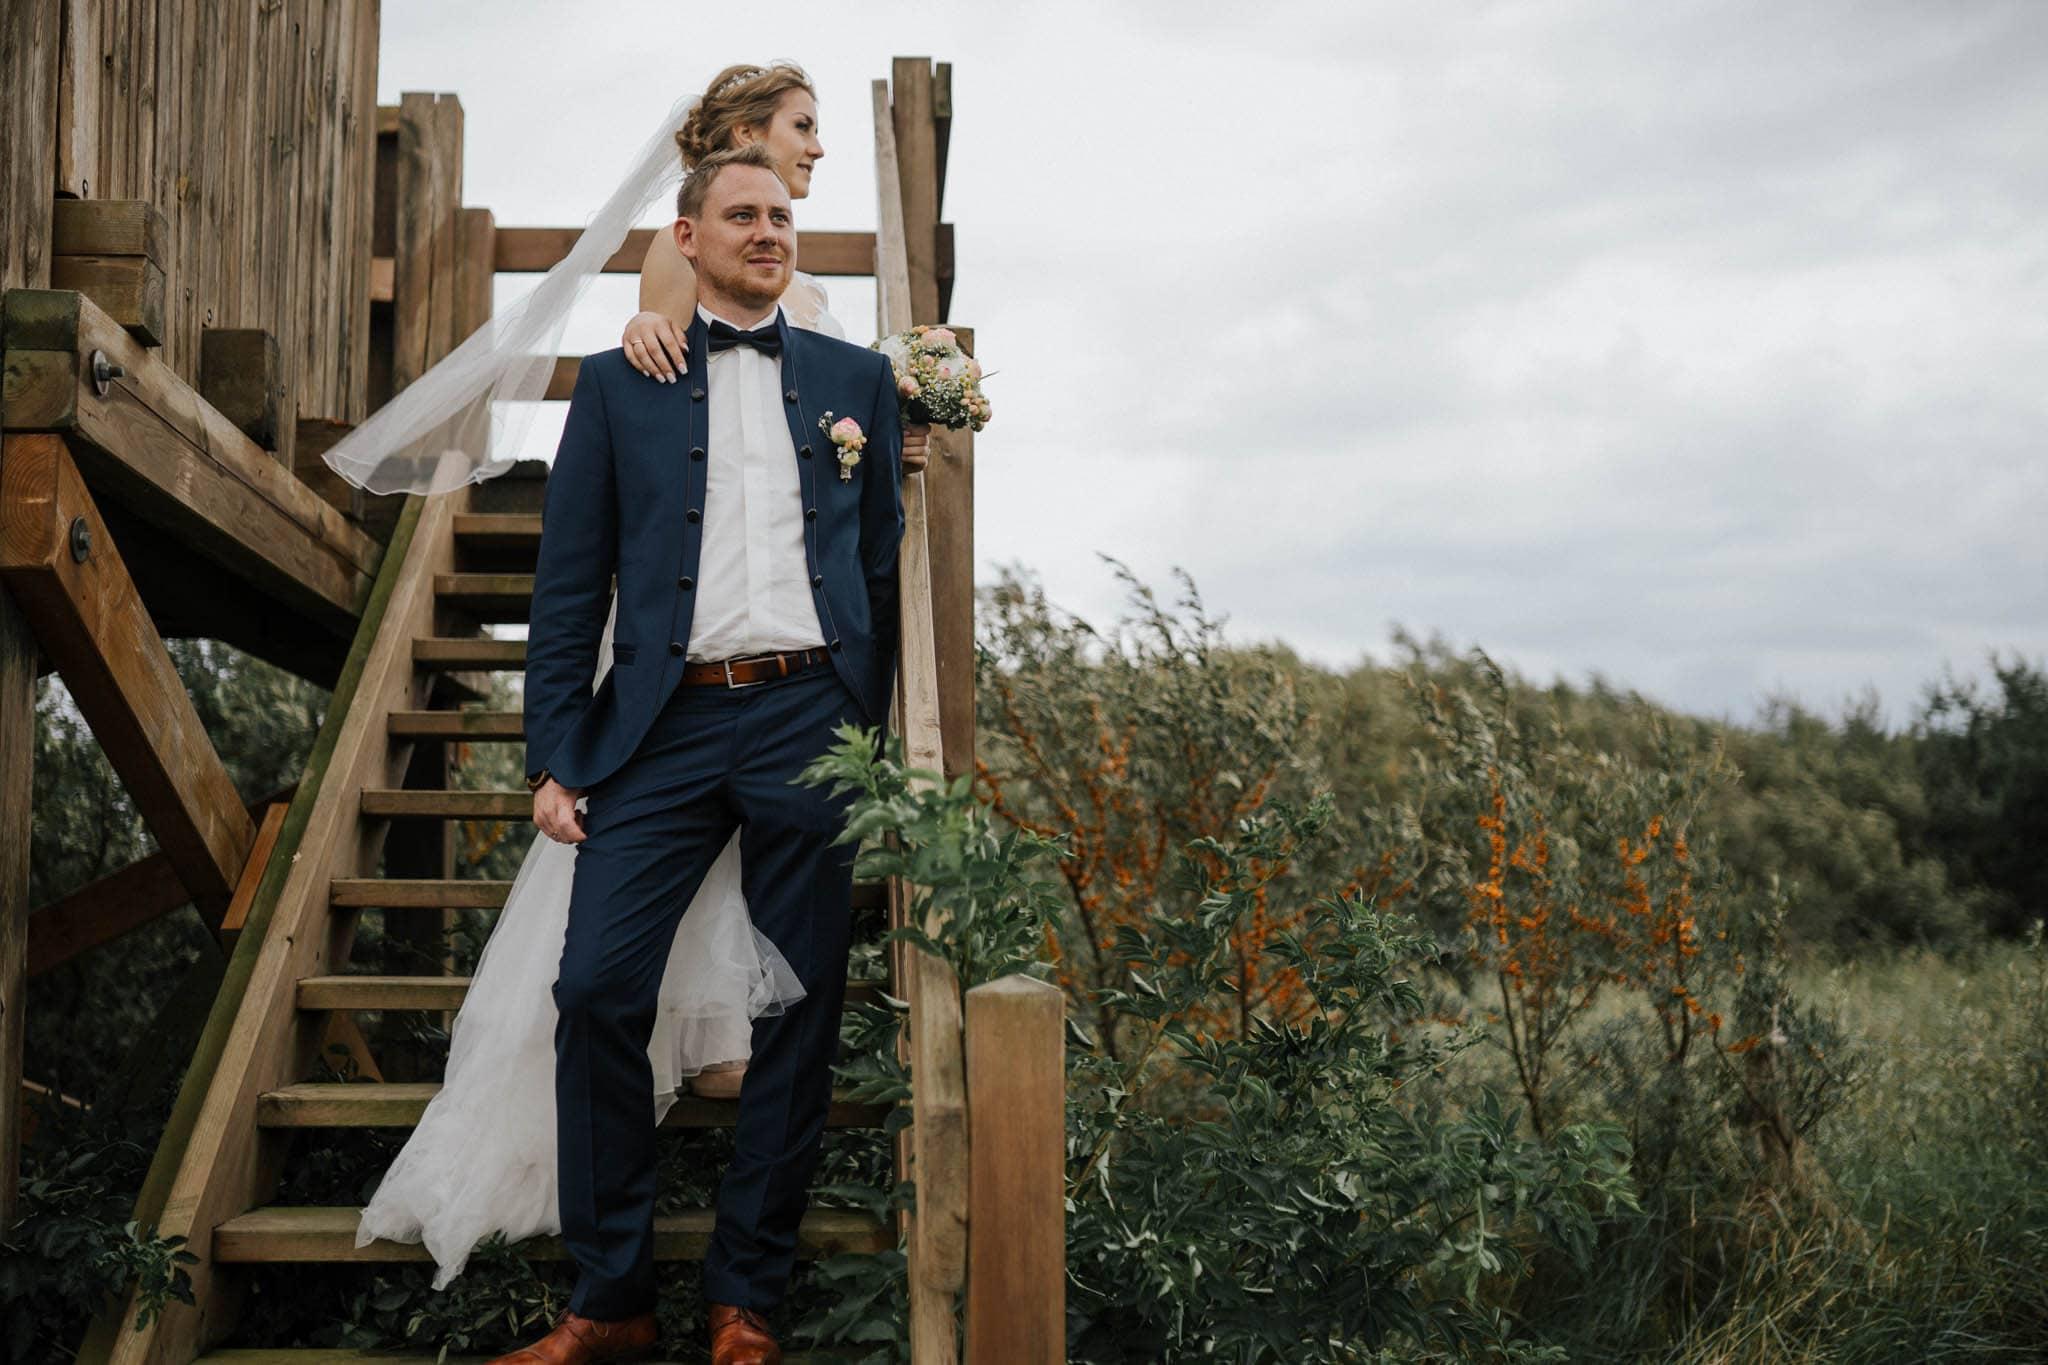 Hochzeitsfieber by Photo-Schomburg, Hoichzeitsfotograf, Hamburg, Wedding, Weddingtime, Hochzeitspaar, Braut, Bräutigam, Hochzeit im Norden,-103